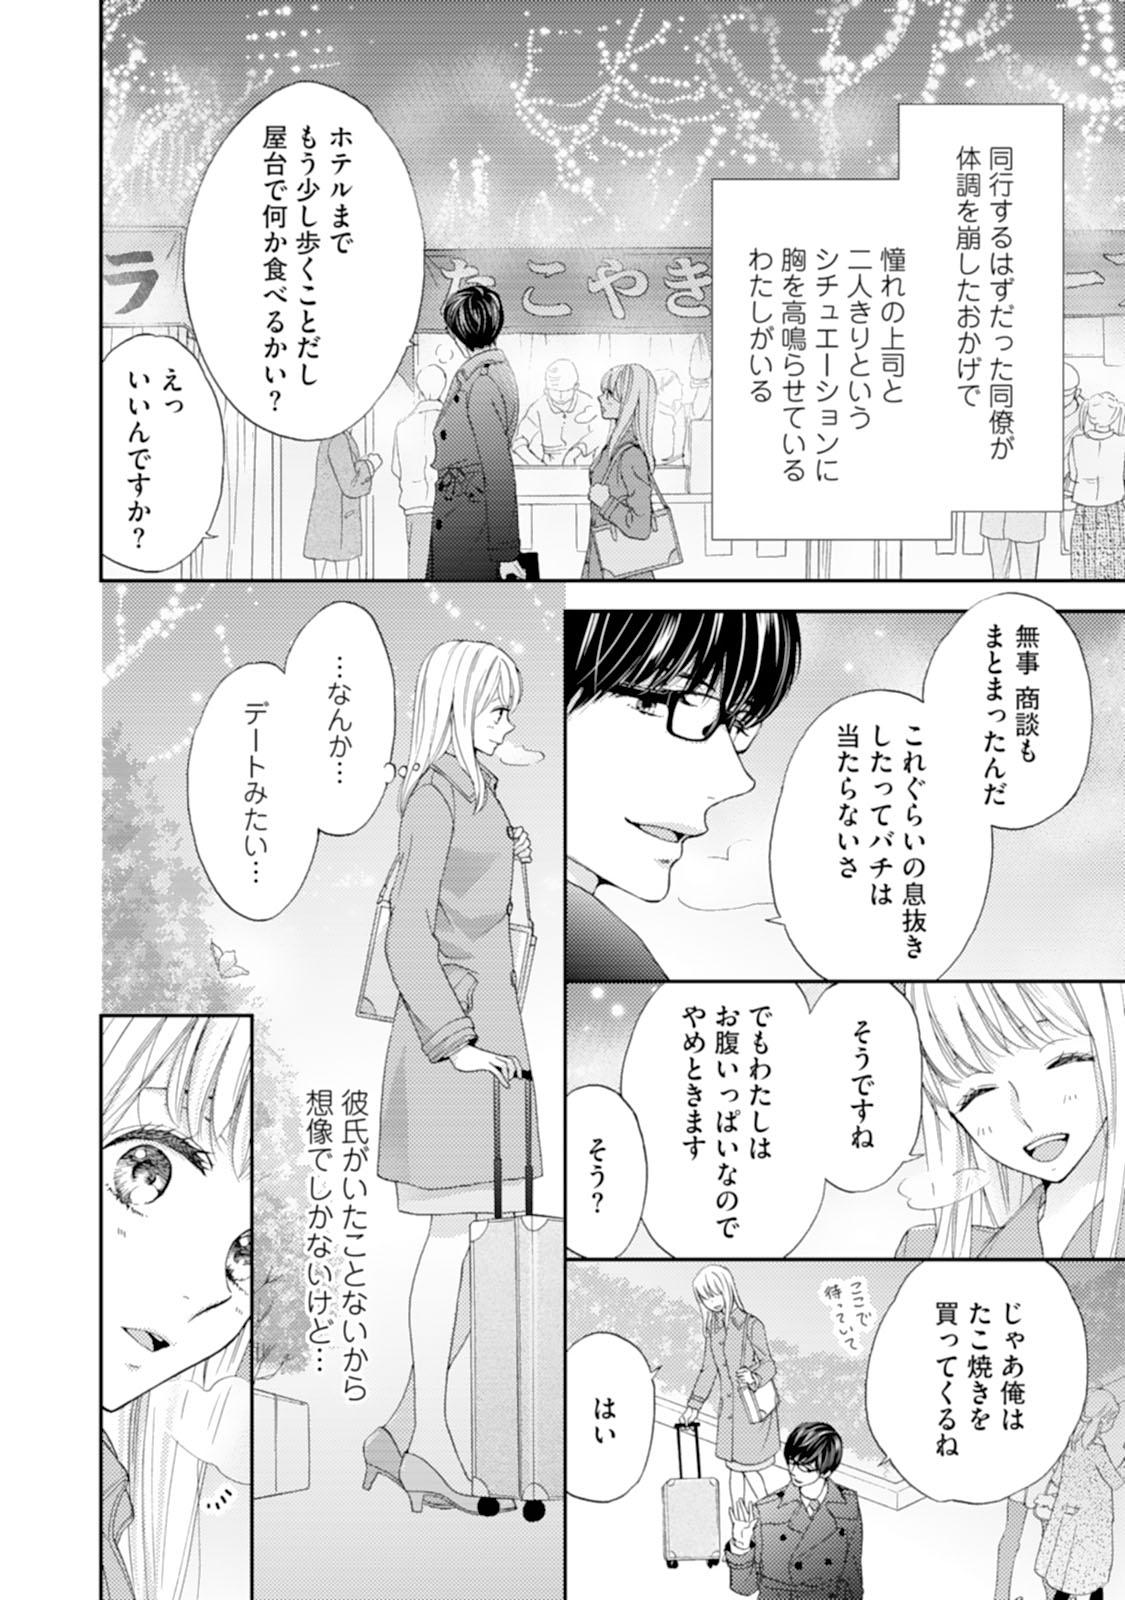 [Adumi Yuu] Choukyou-kei Danshi Ookami-sama to Koneko-chan Ch. 1-3 5